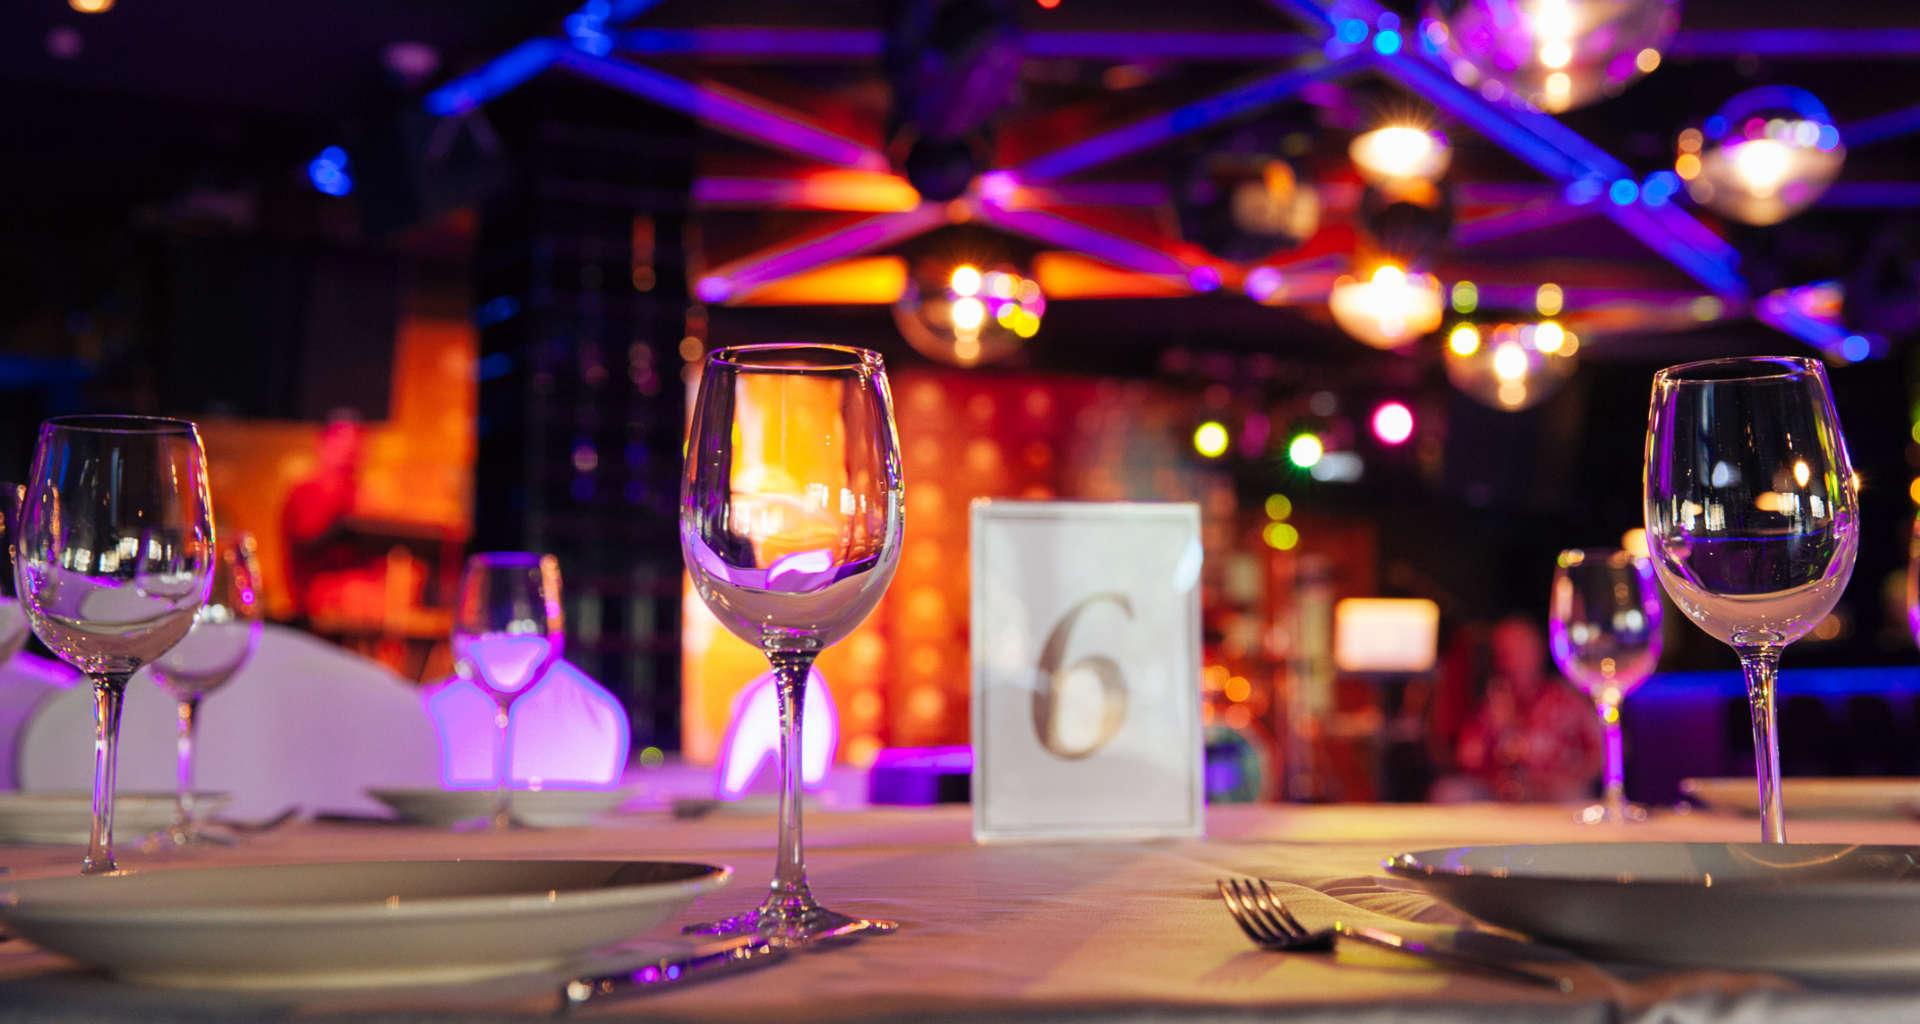 Organizirate zabavo / dogodek in potrebujete pogostitev? Pomagali vam bomo najti pravega ponudnika za vaš dogodek